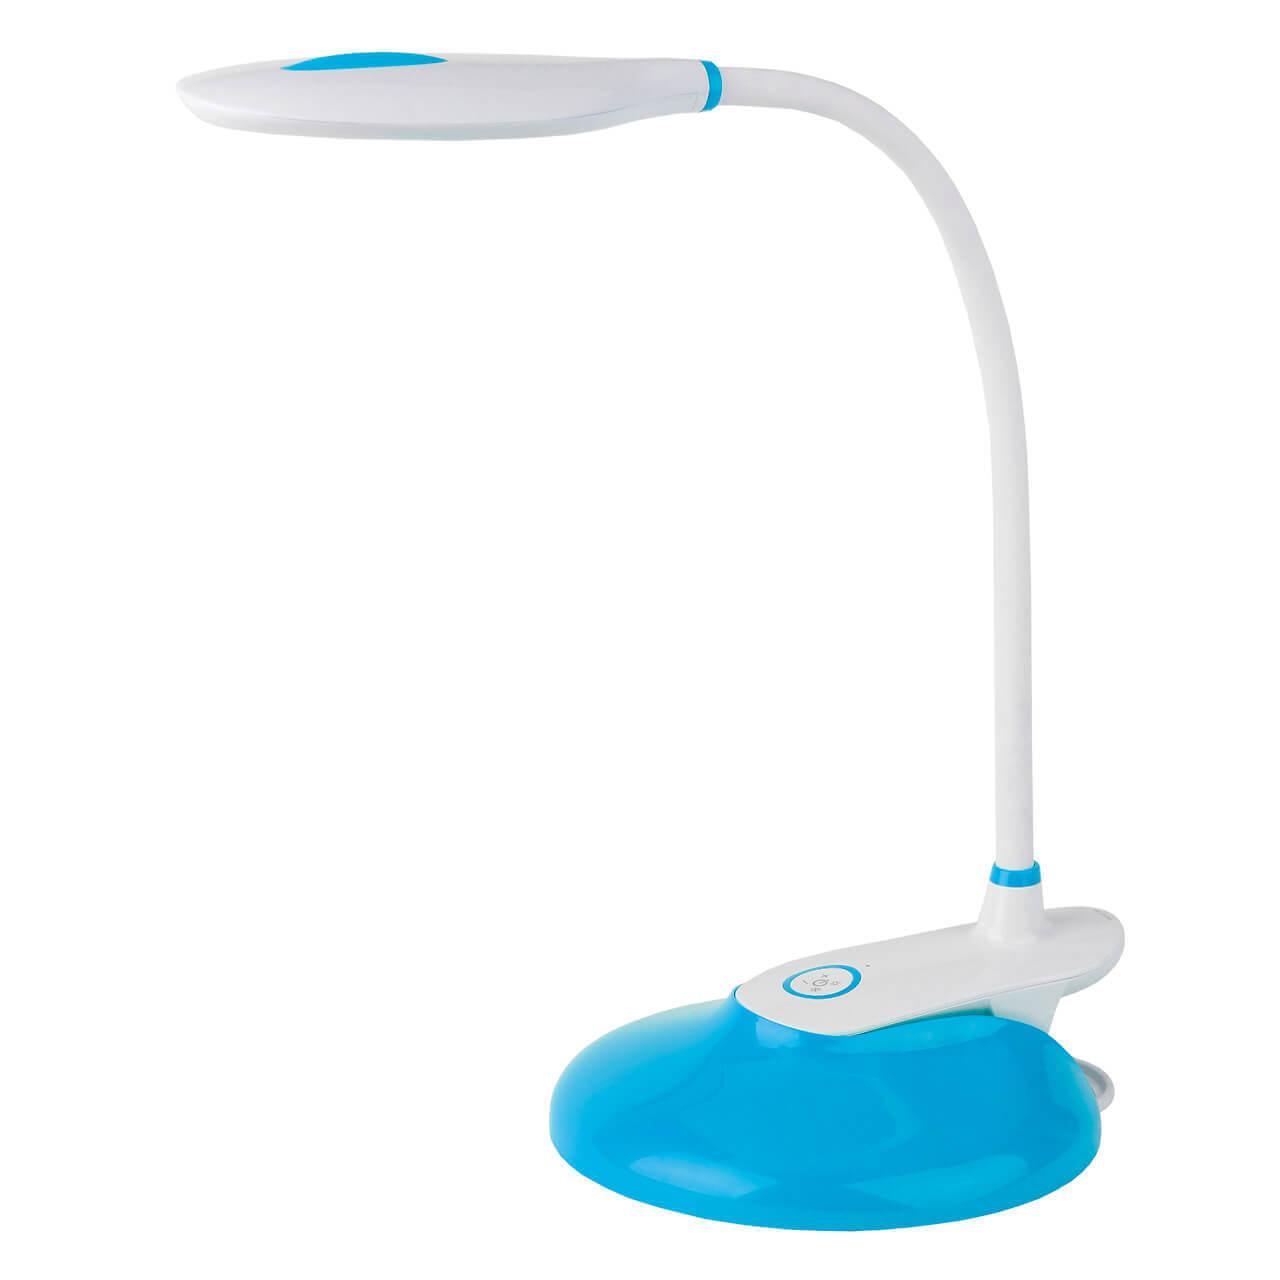 Фото - Настольная лампа ЭРА NLED-459-9W-BU NLED-459 светильник настольный эра nled 459 9w bu на подставке 9вт белый [б0028459]